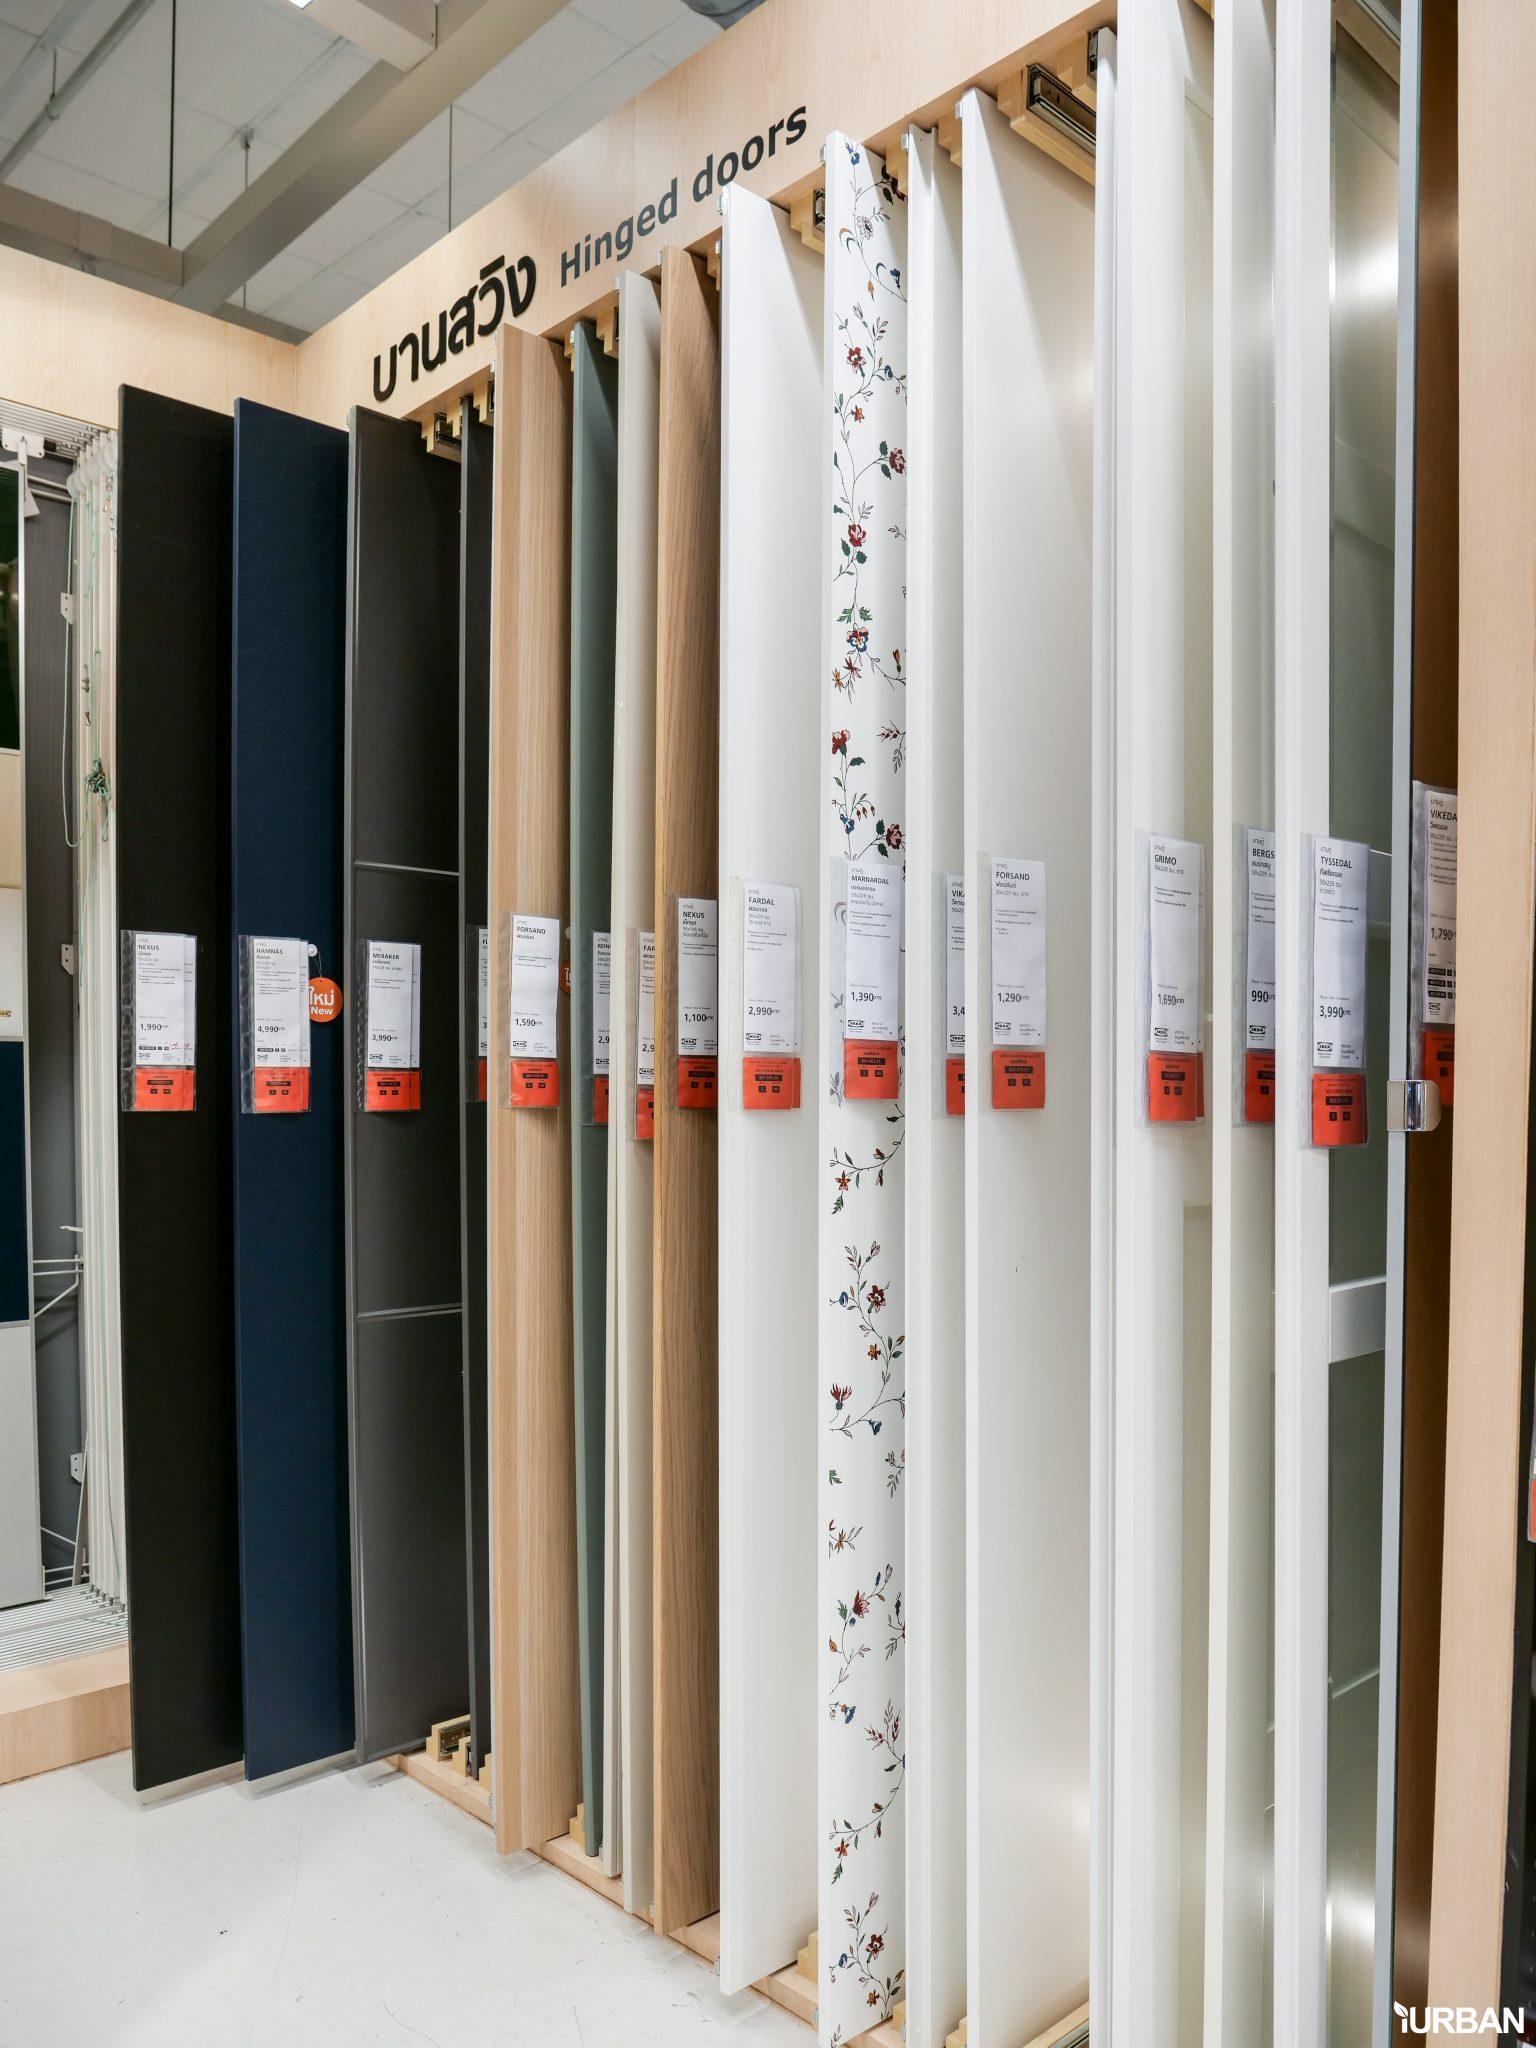 """9 วิธีจัดห้องเก่าให้เหมือนใหม่ ลอกวิธีจัดห้องในพื้นที่เล็ก """"Small Space"""" แบบ IKEA 97 - Bedroom"""